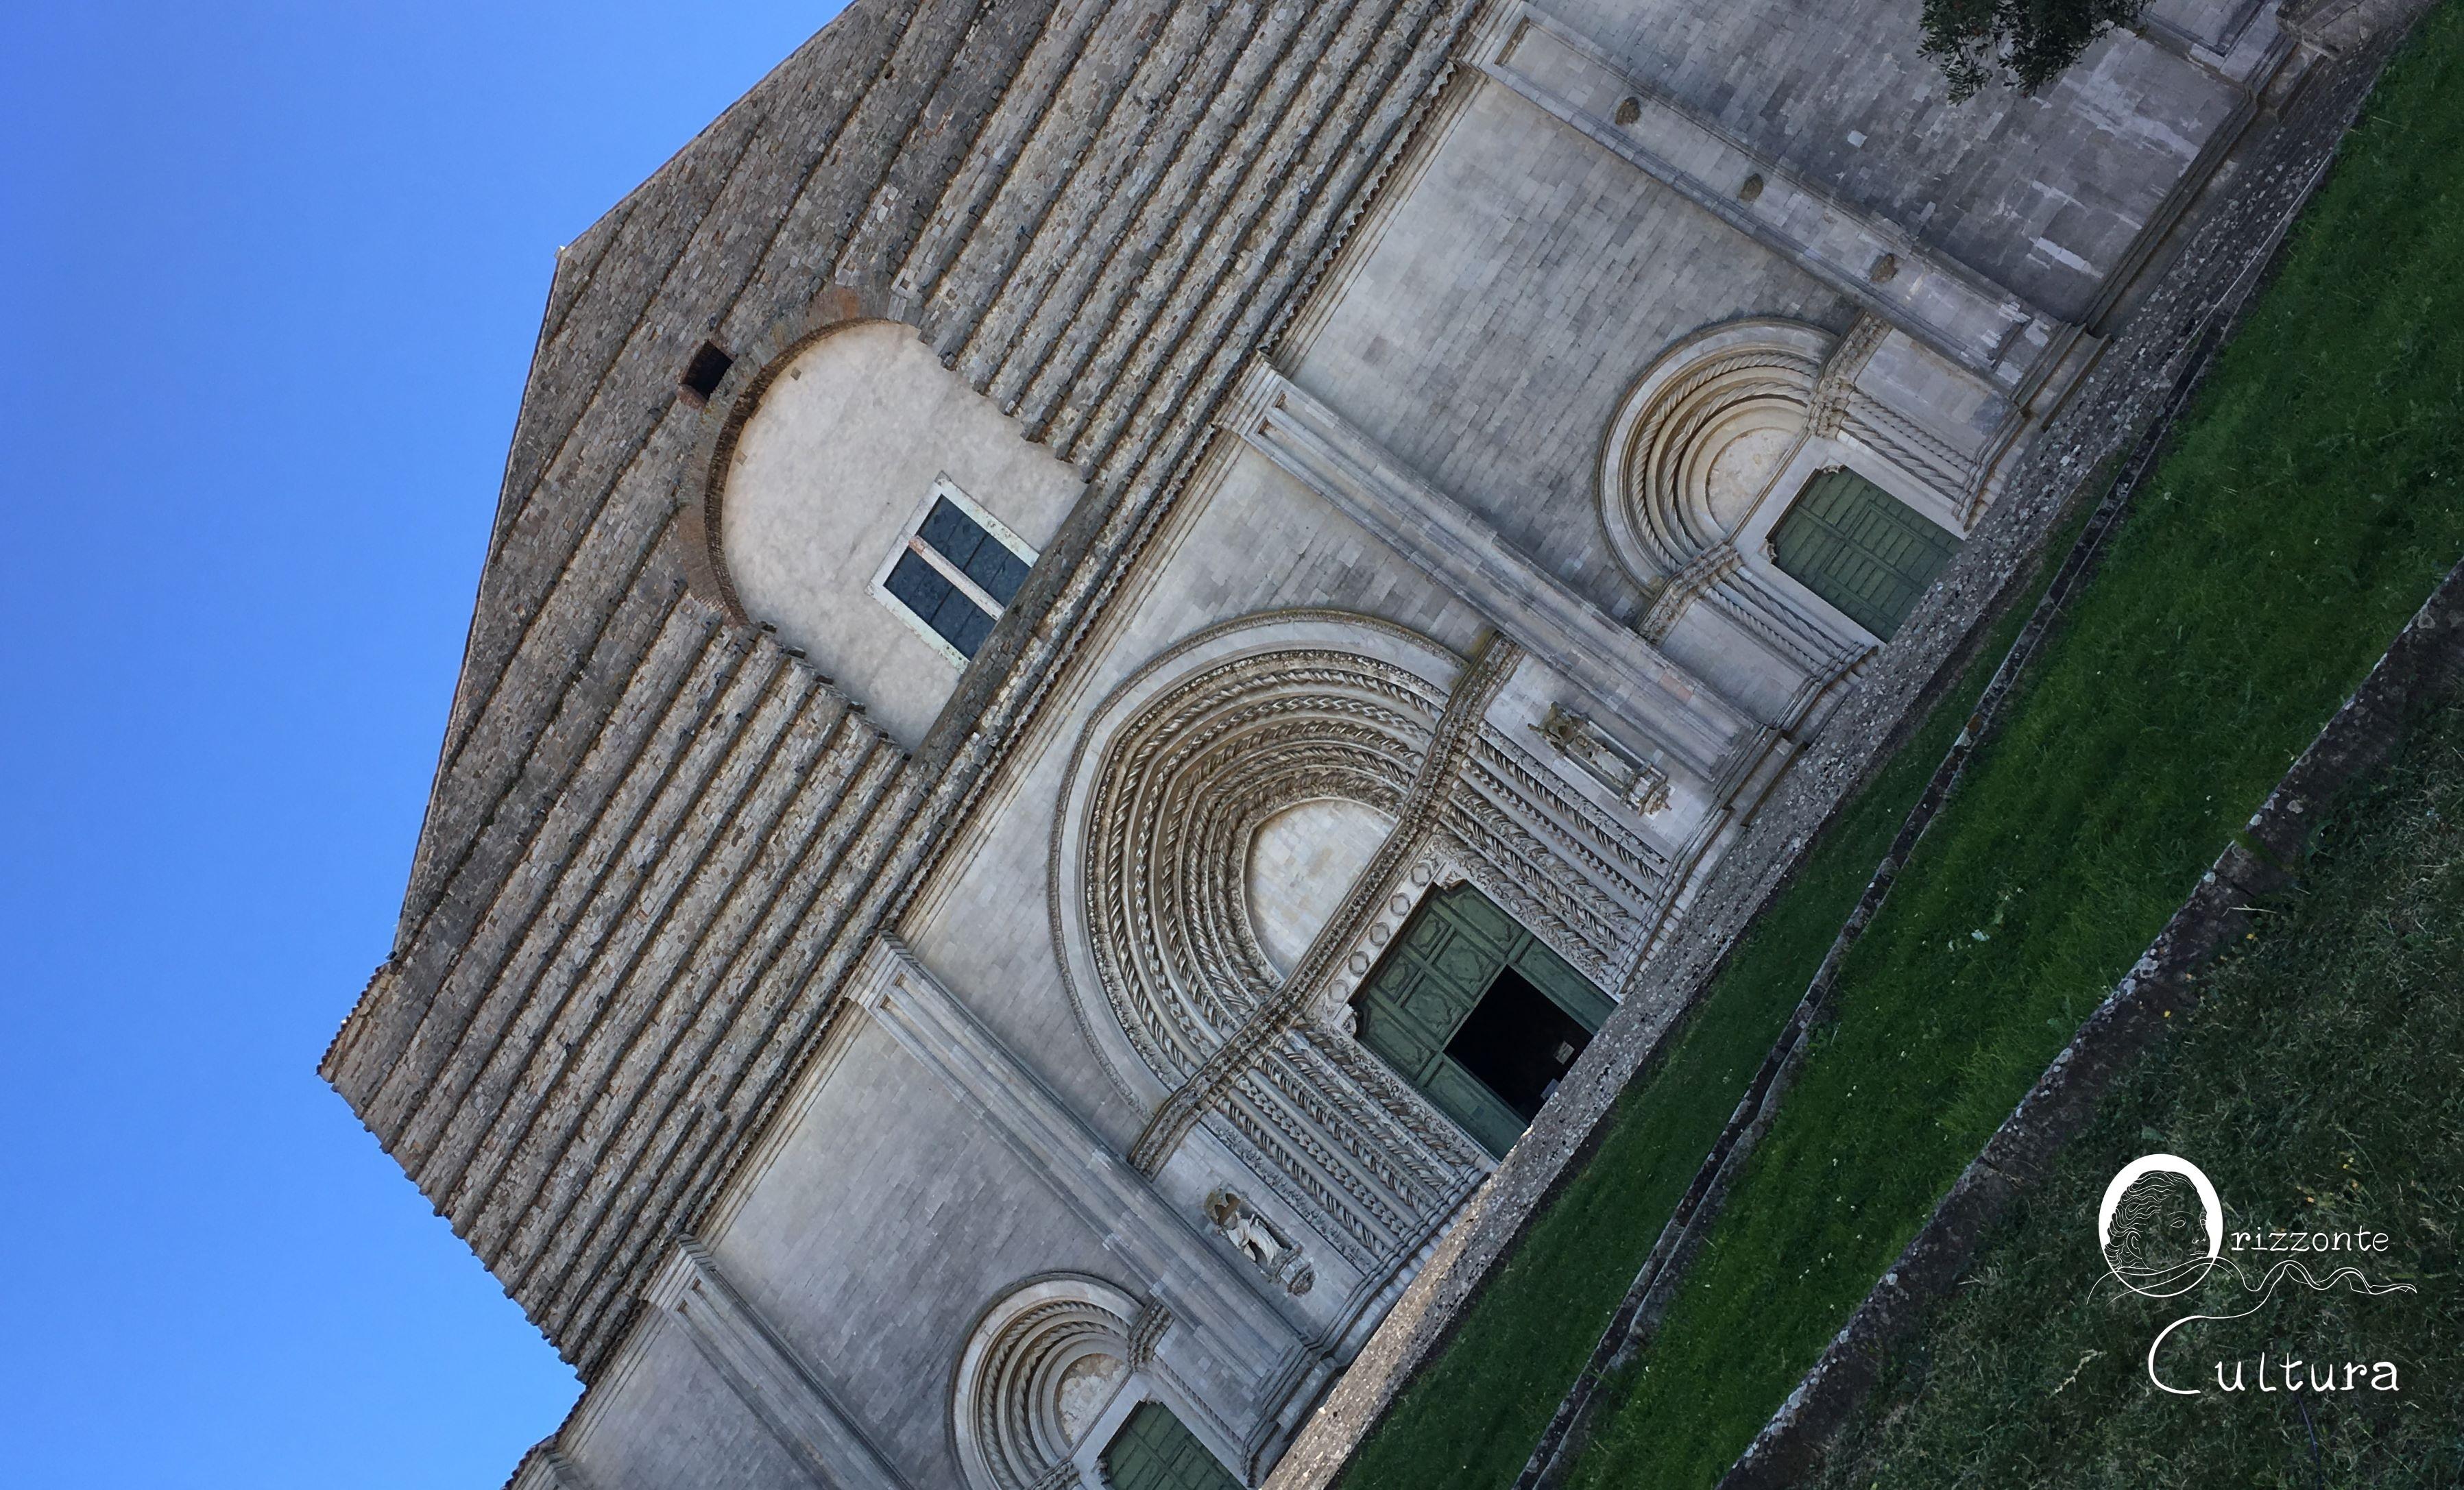 Chiesa di San Fortunato, Todi - Orizzonte Cultura